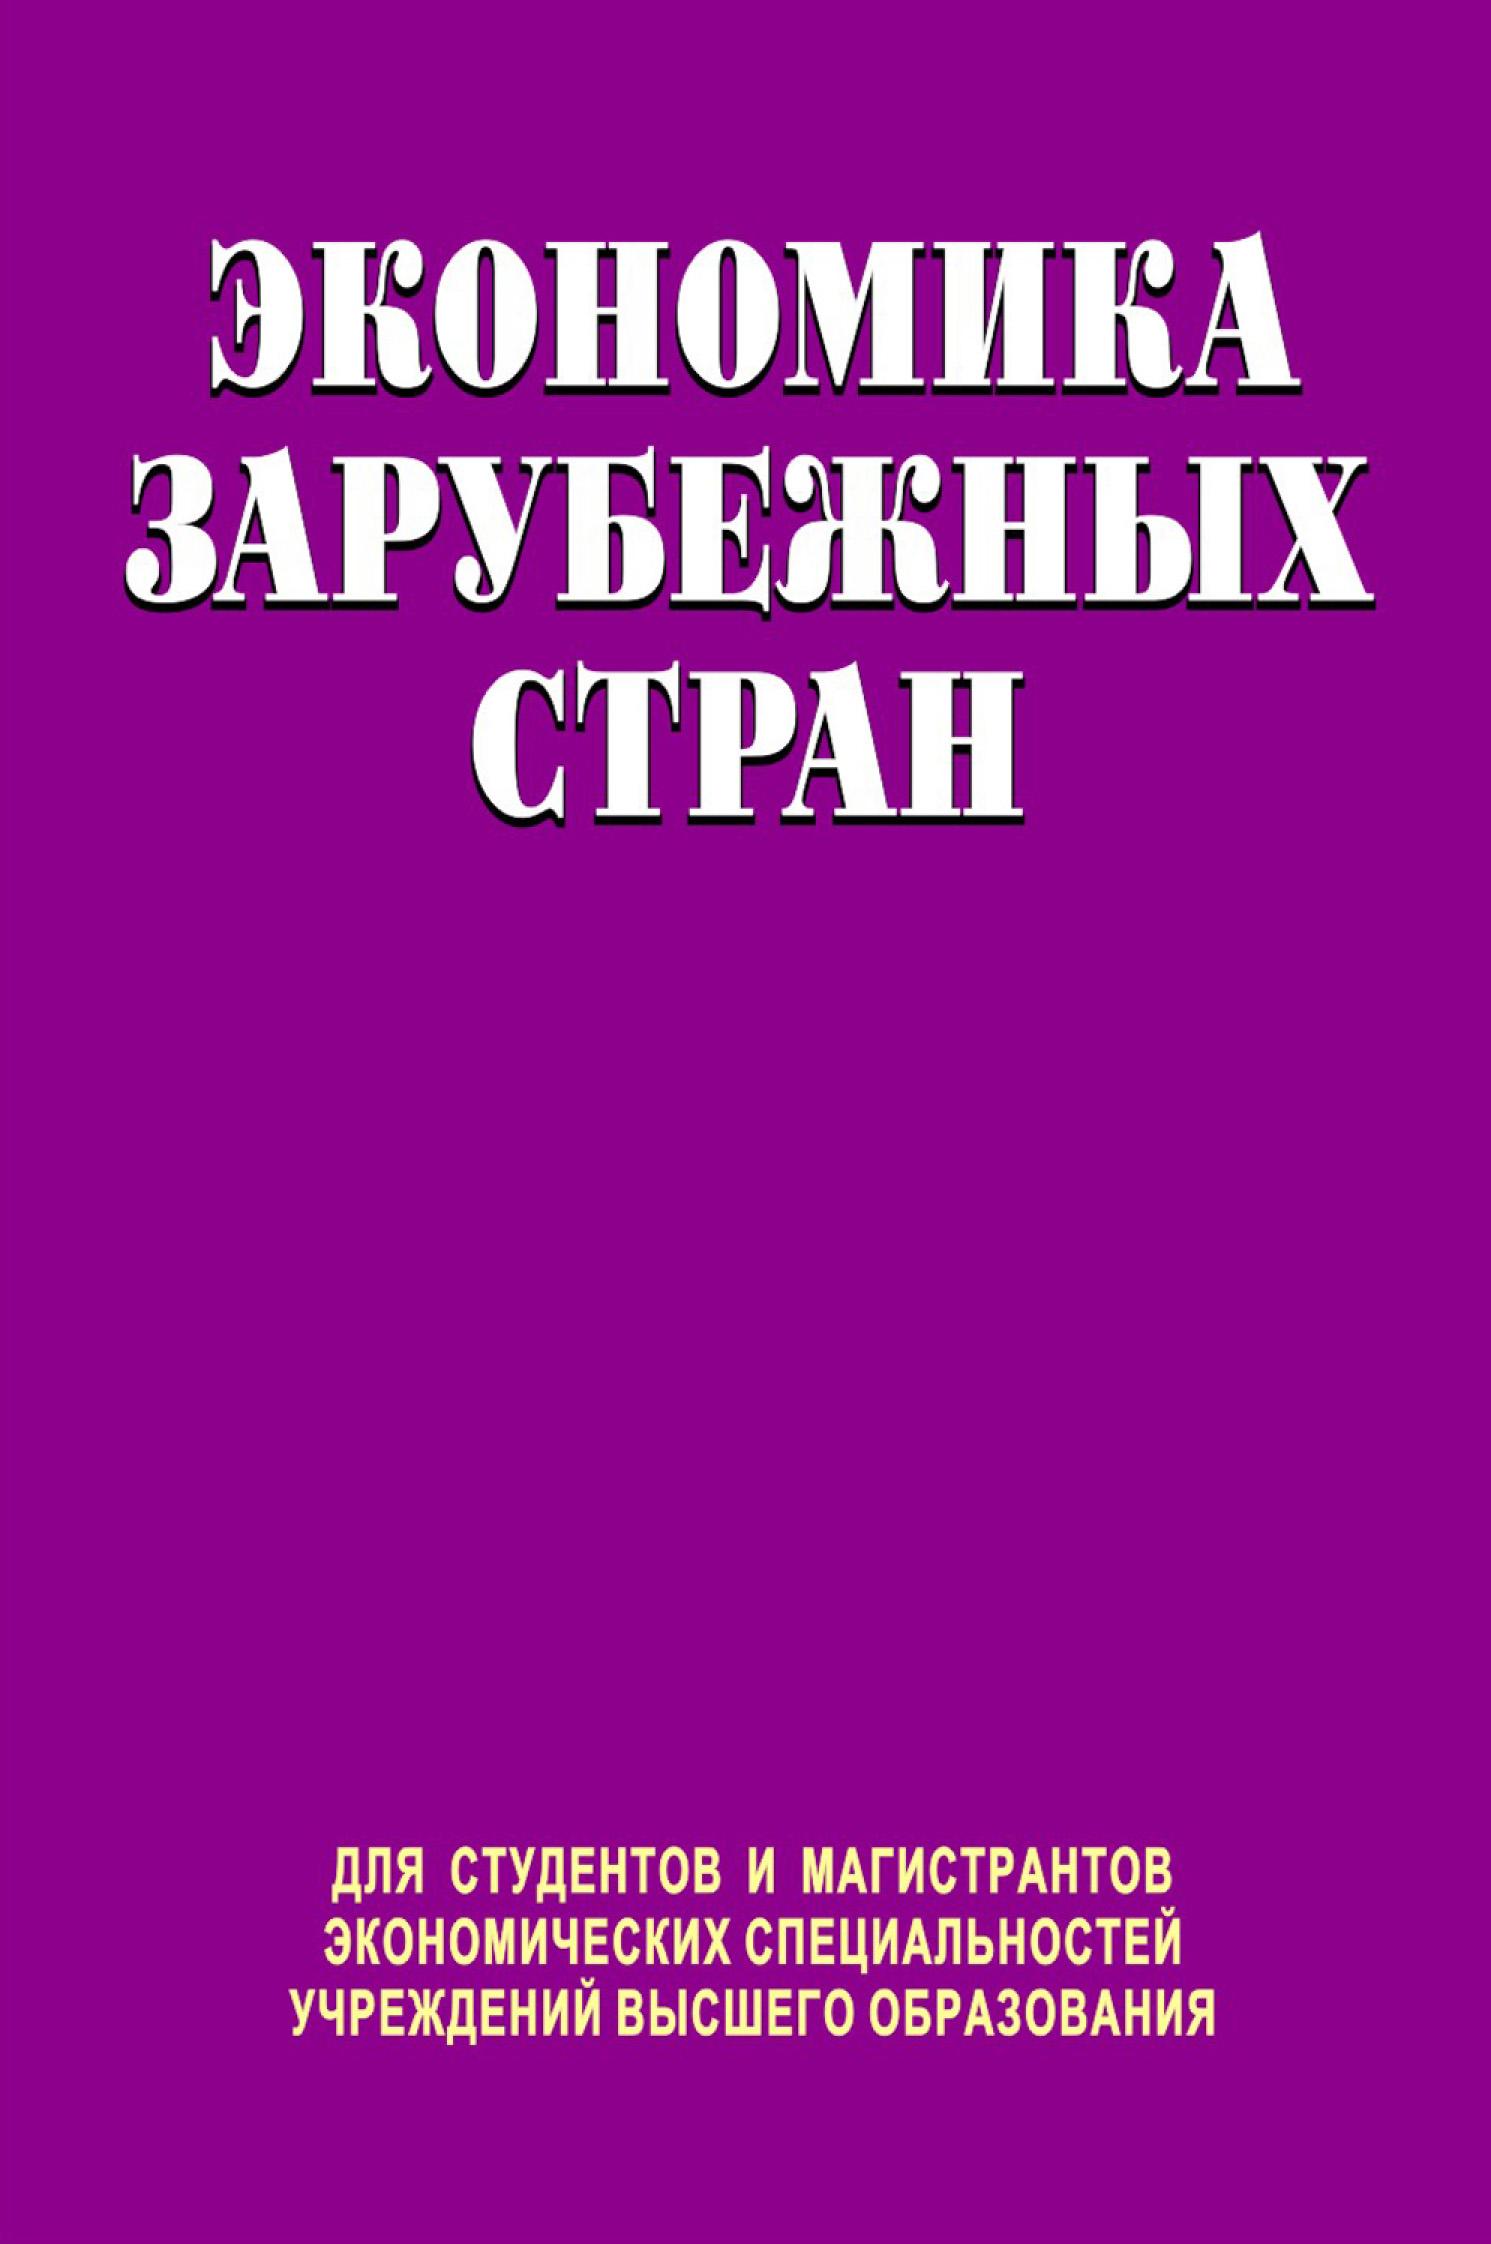 Обложка книги. Автор - Юрий Козак